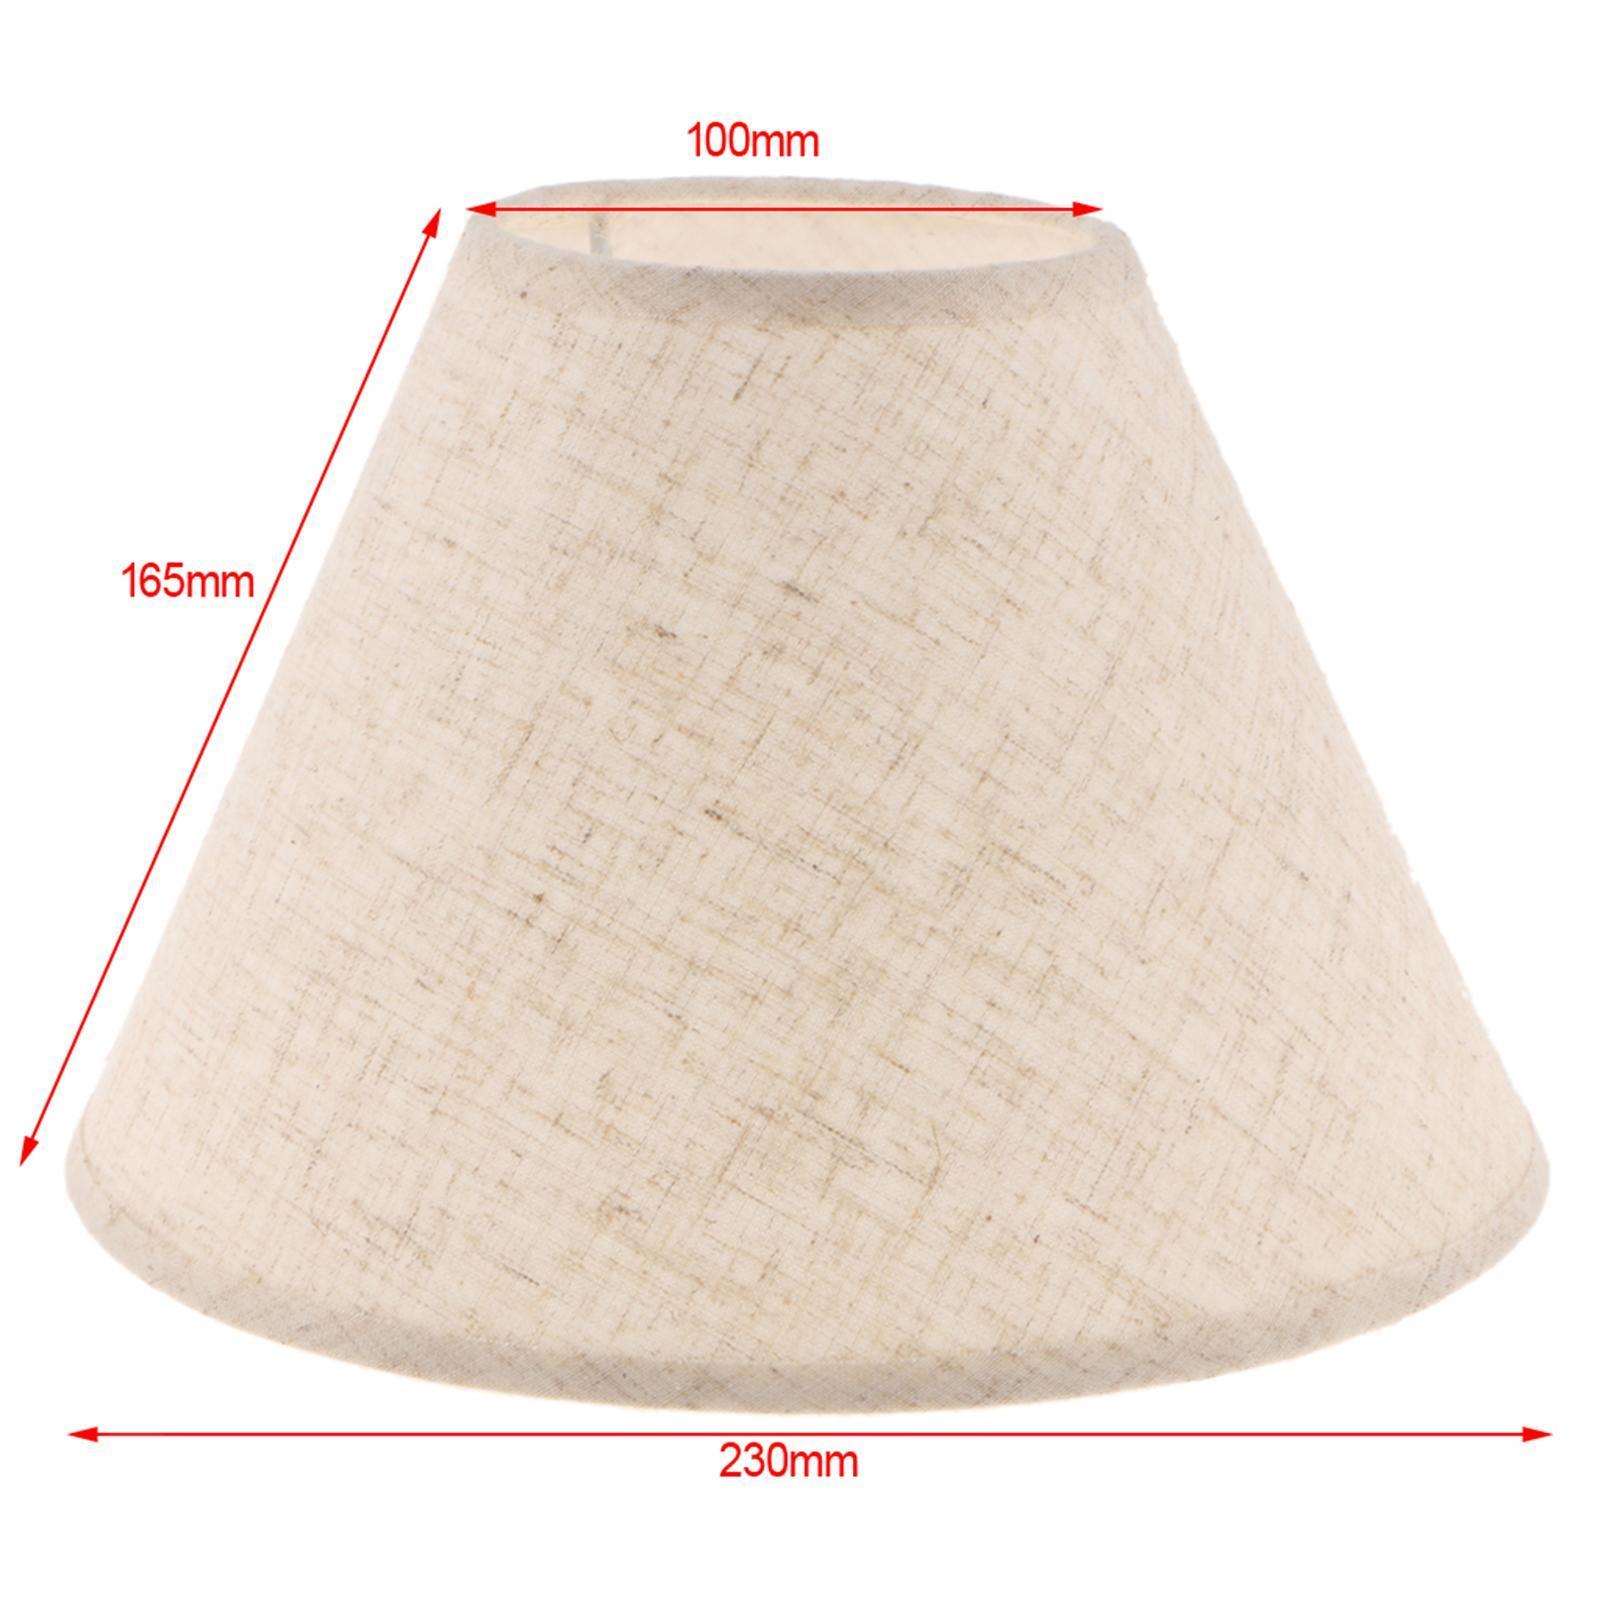 Paralume-in-Tessuto-per-lampada-da-tavolo-o-soffitto-Classico-in-Diversi-Colori miniatura 10